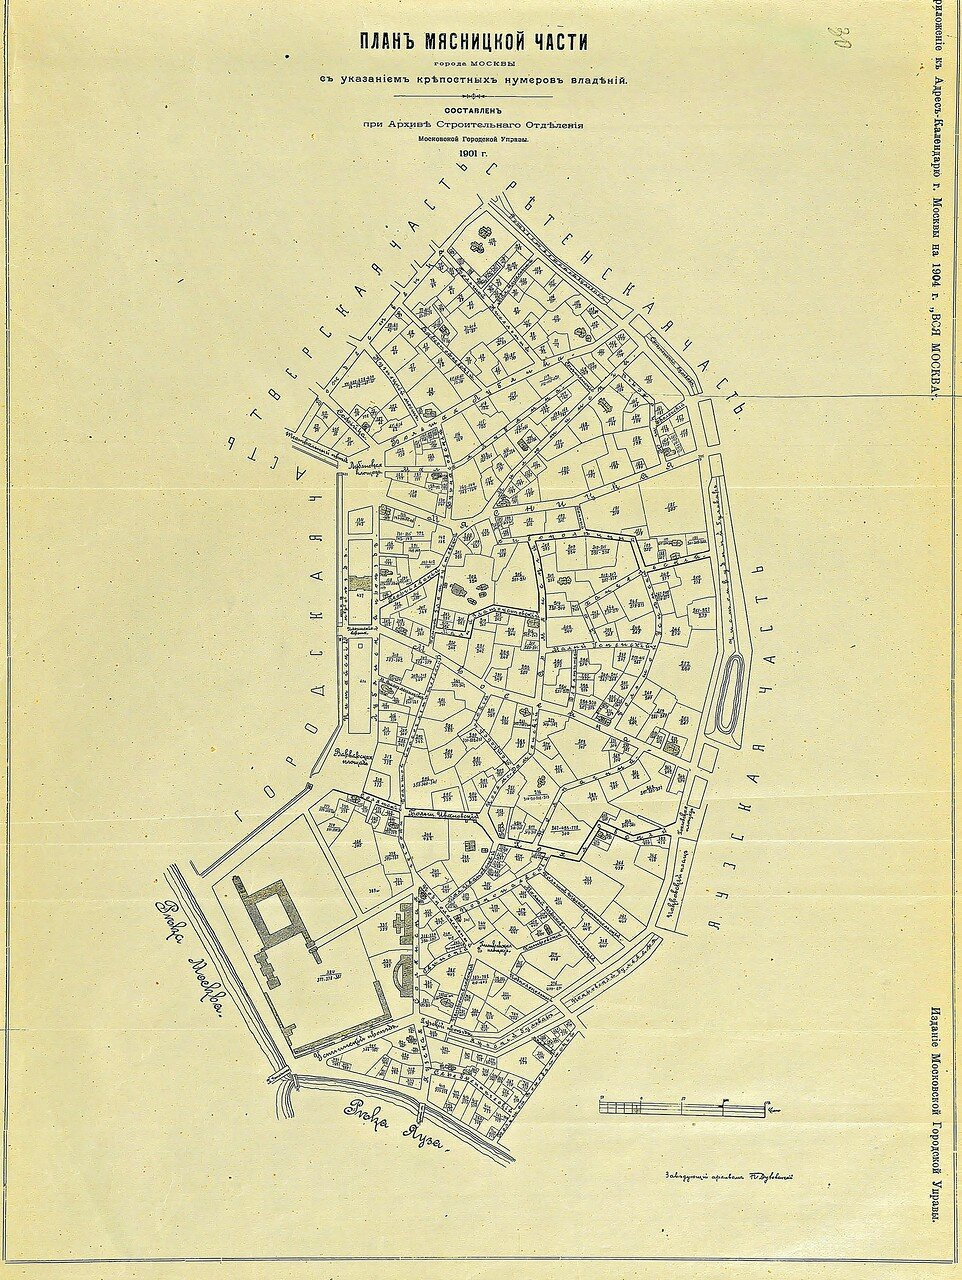 30. План Мясницкой части города Москвы